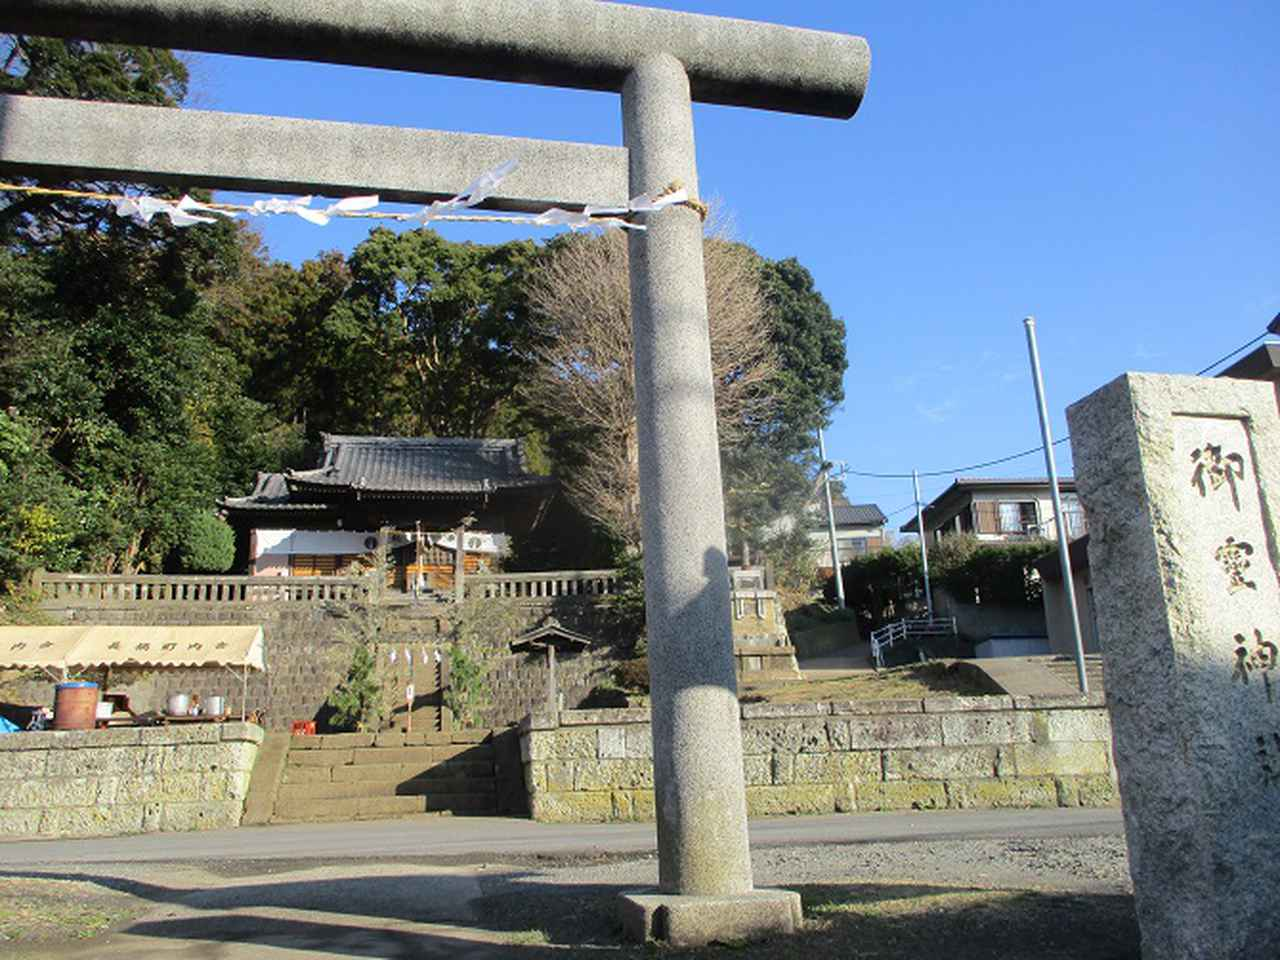 画像4: 1月の山旅会現地集合ツアー 「阿部倉山から二子山」 ツアーの下見に行ってきました!